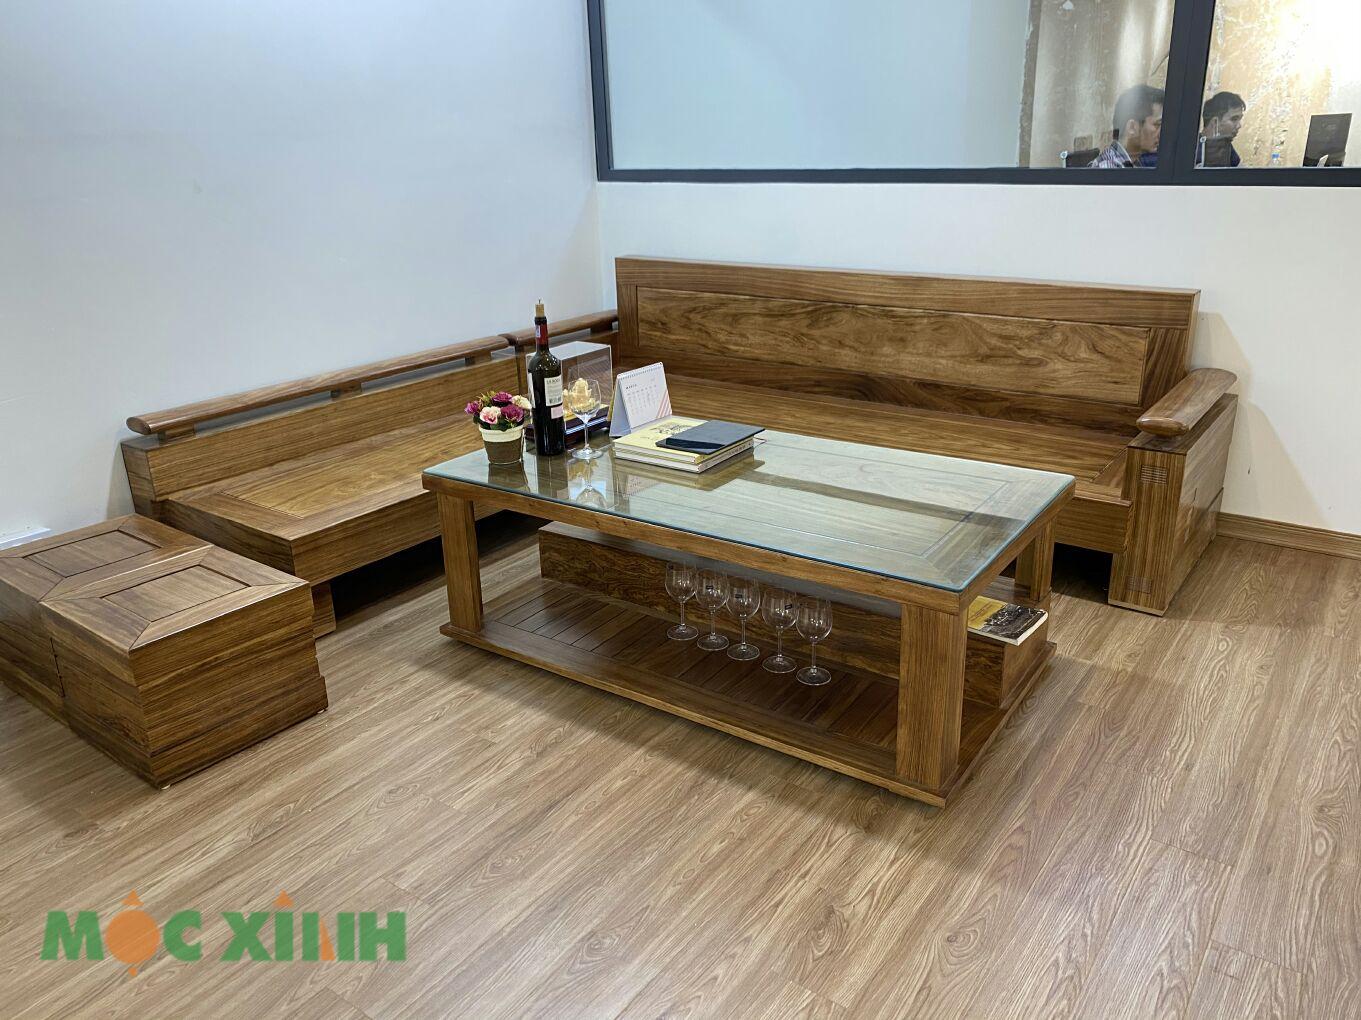 Bộ bàn ghế phòng khách gỗ hương phù hợp với nhiều không gian